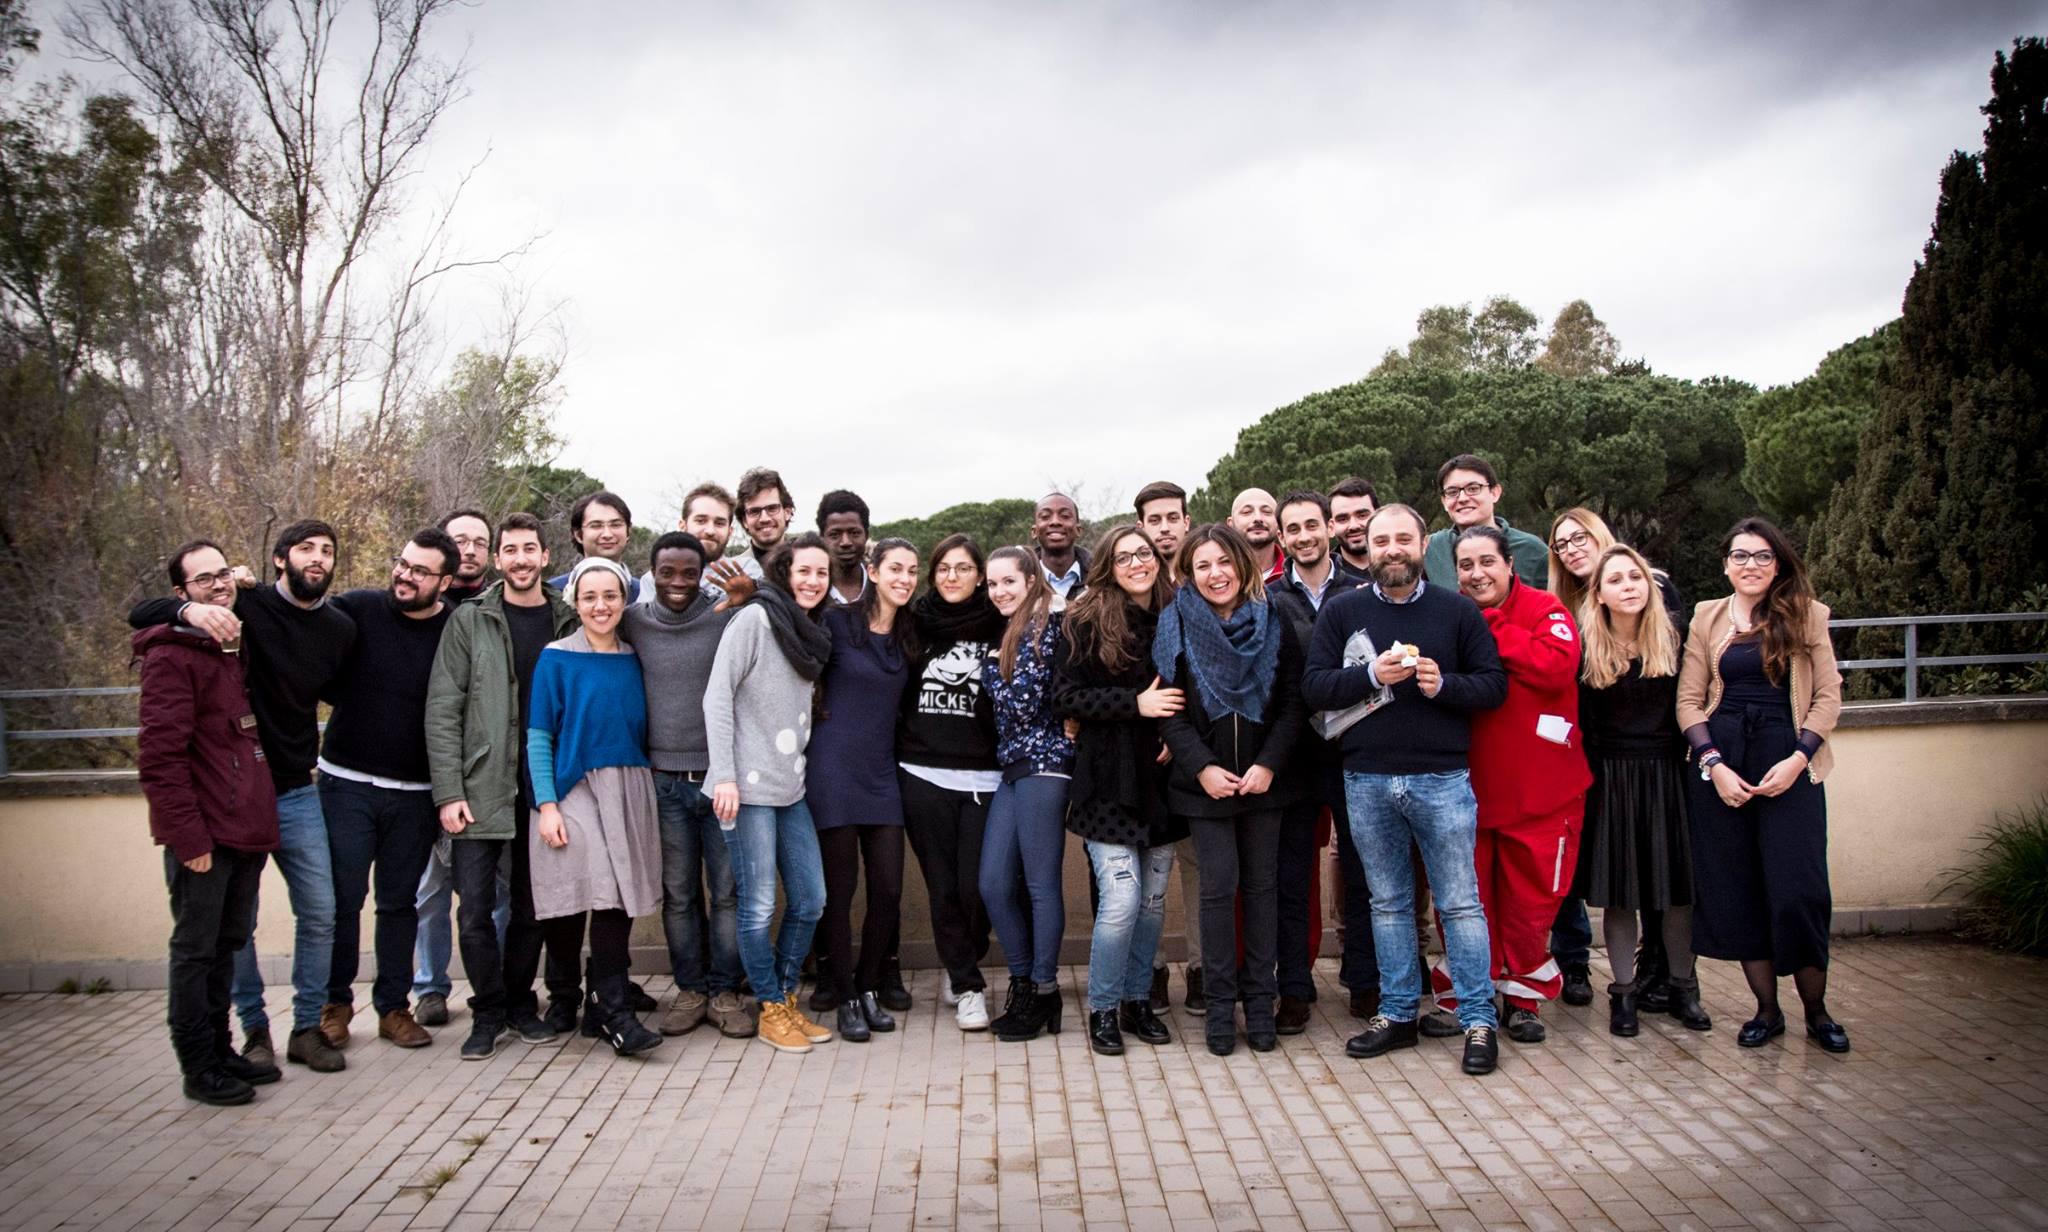 Servizio Civile Nazionale. Croce Rossa Italiana - Comitato Area Metropolitana di Roma Capitale.